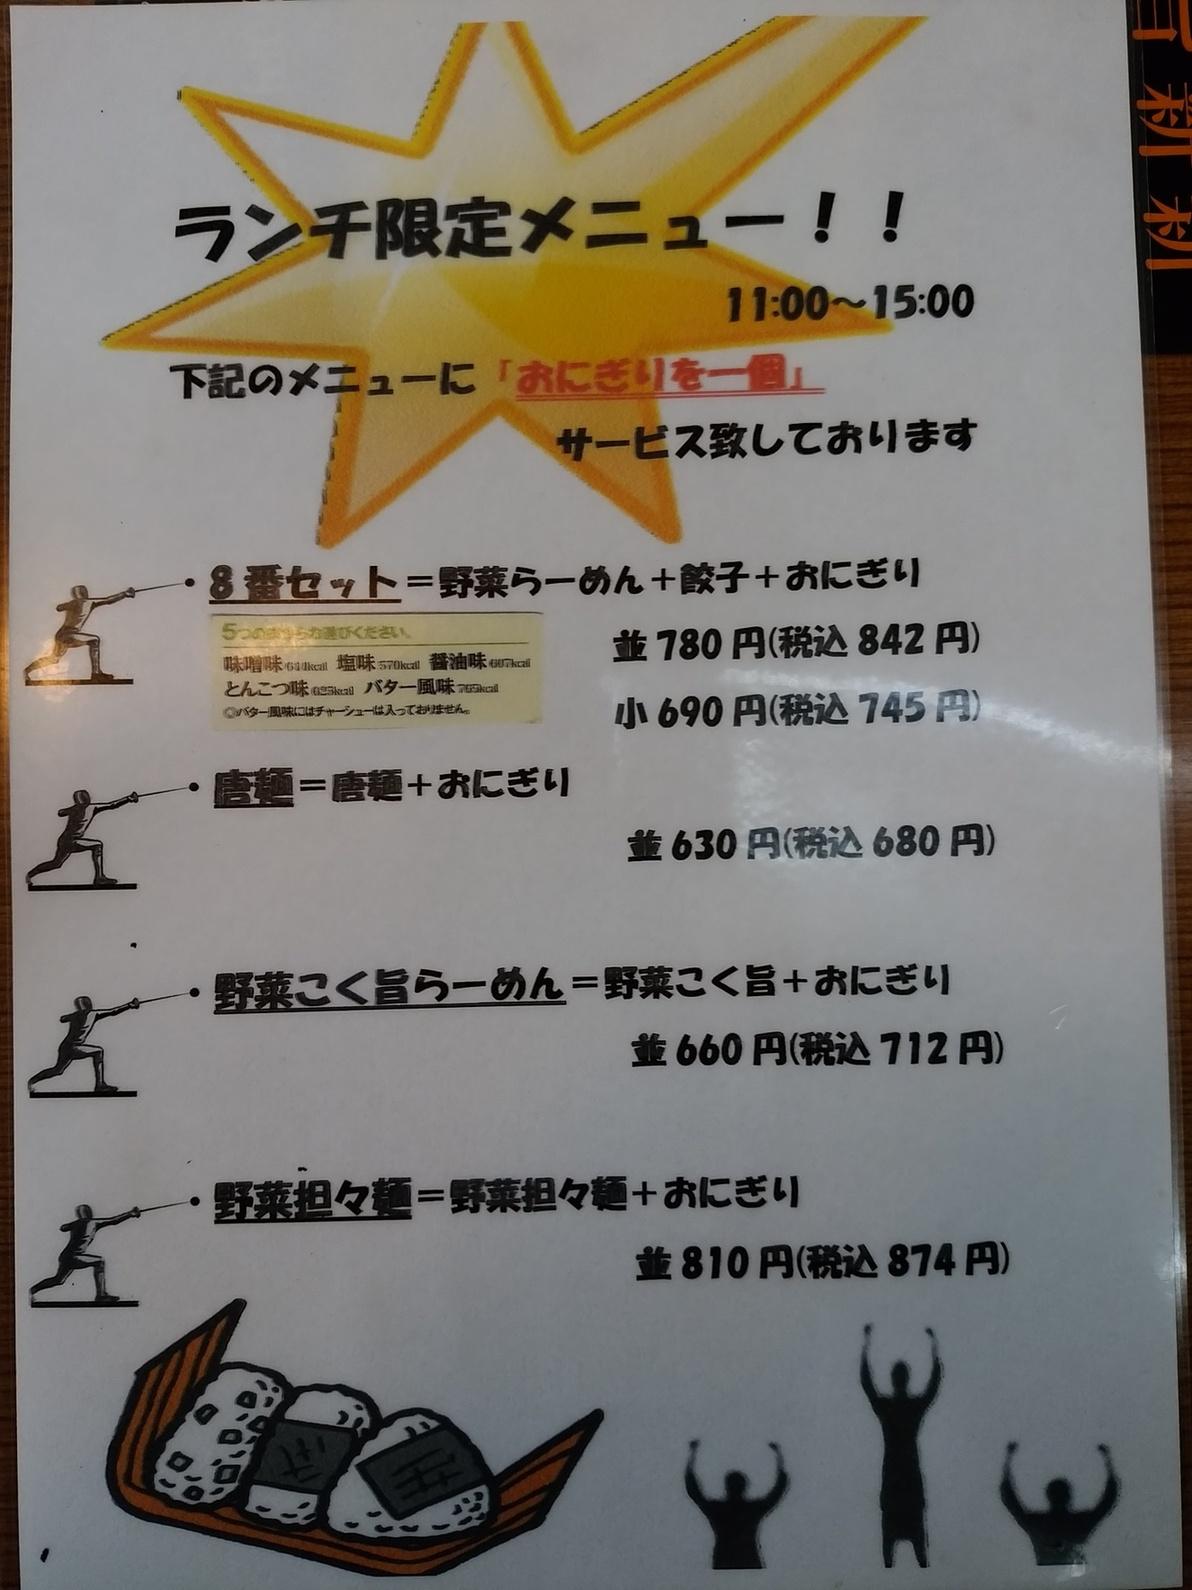 8番らーめん 高松店